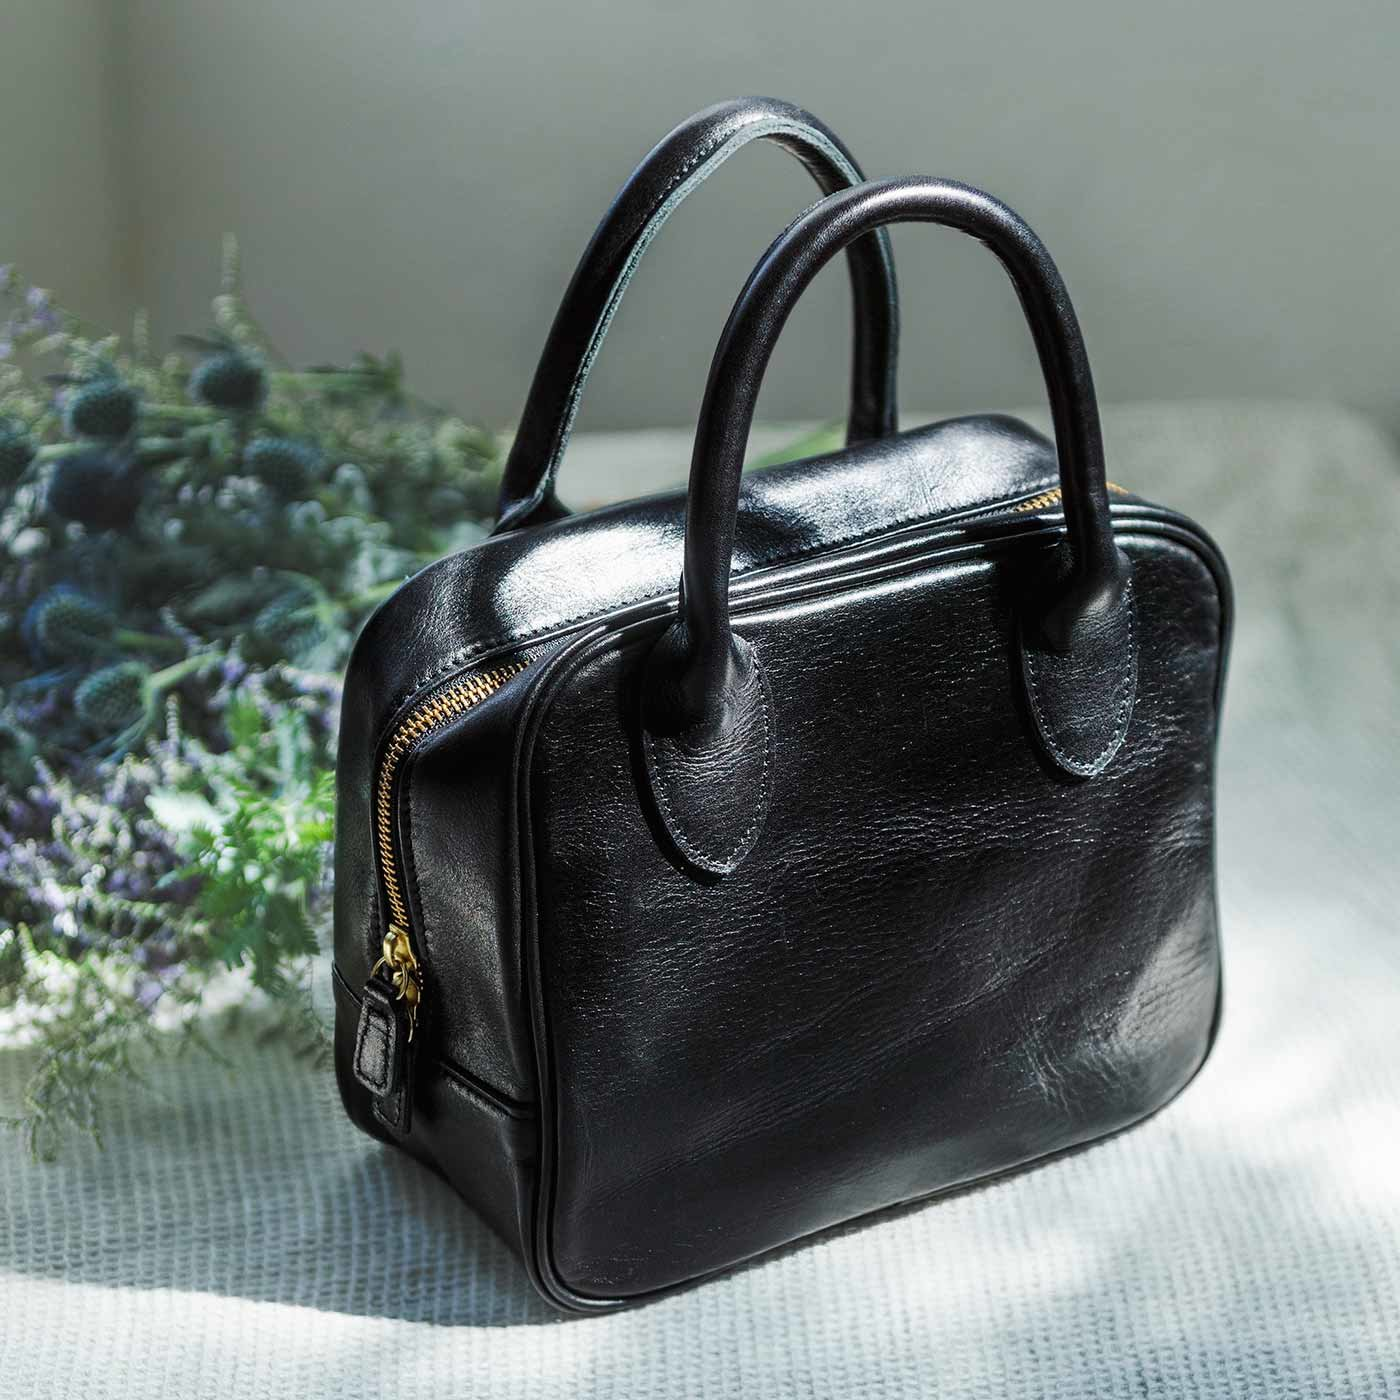 職人仕上げ 私に寄り添う 本革手持ち鞄(かばん)〈ブラック〉[本革 鞄:日本製]